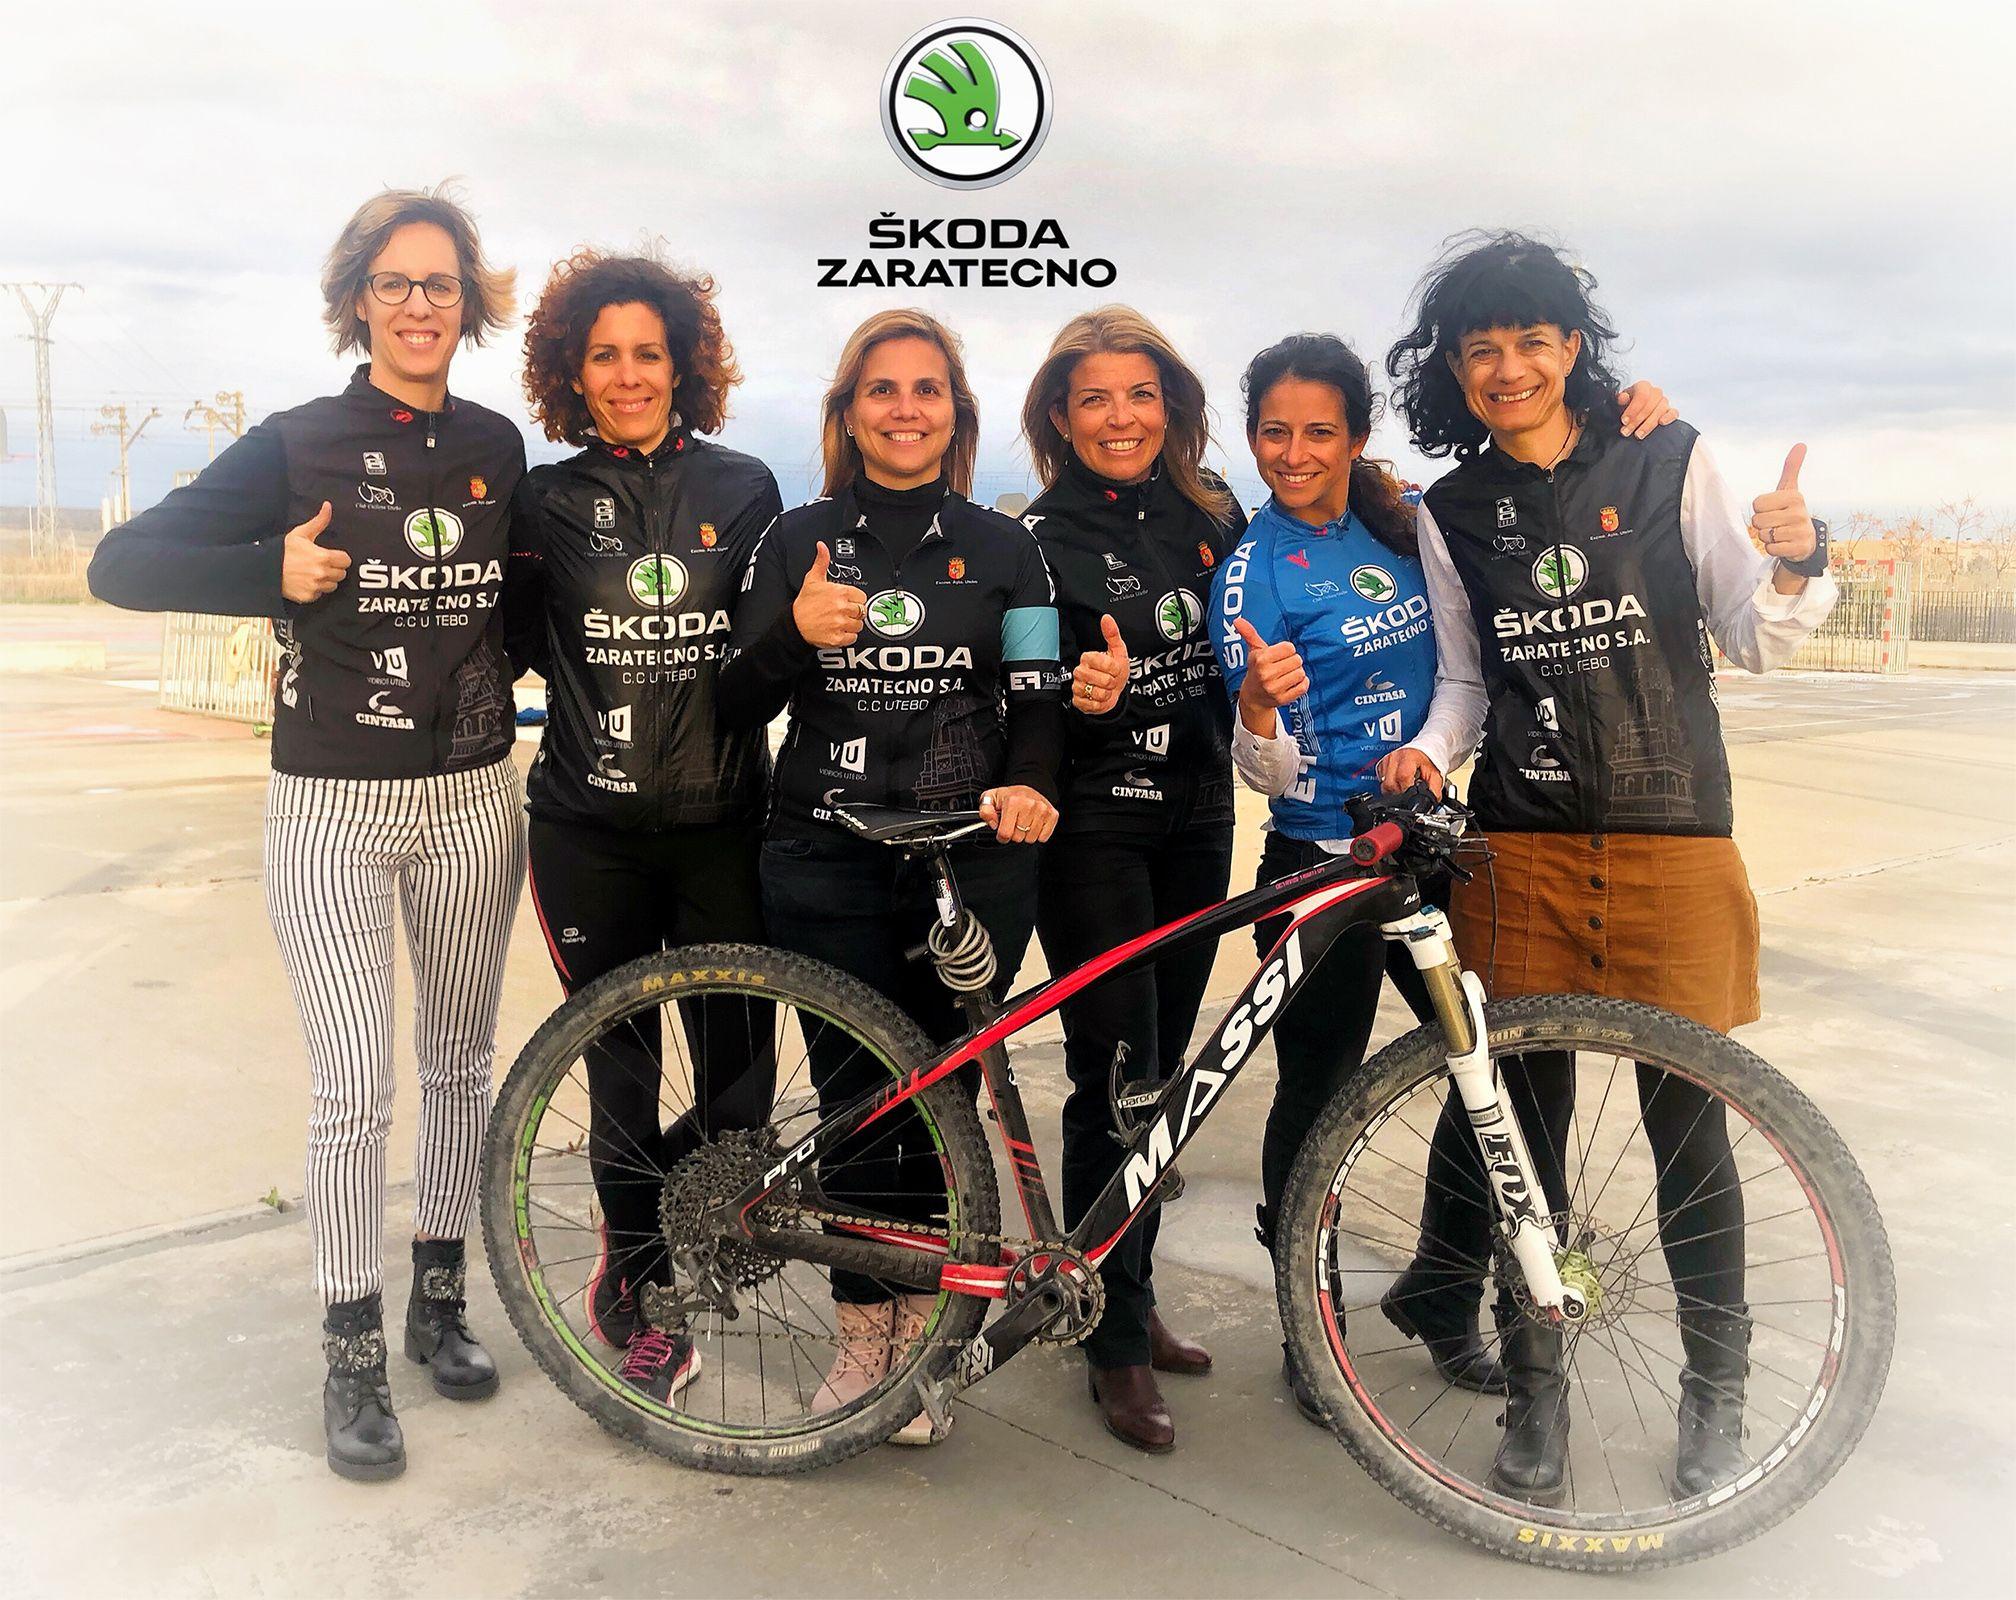 Skoda Zaratecno apoya el ciclismo femenino el Día Internacional de la Mujer